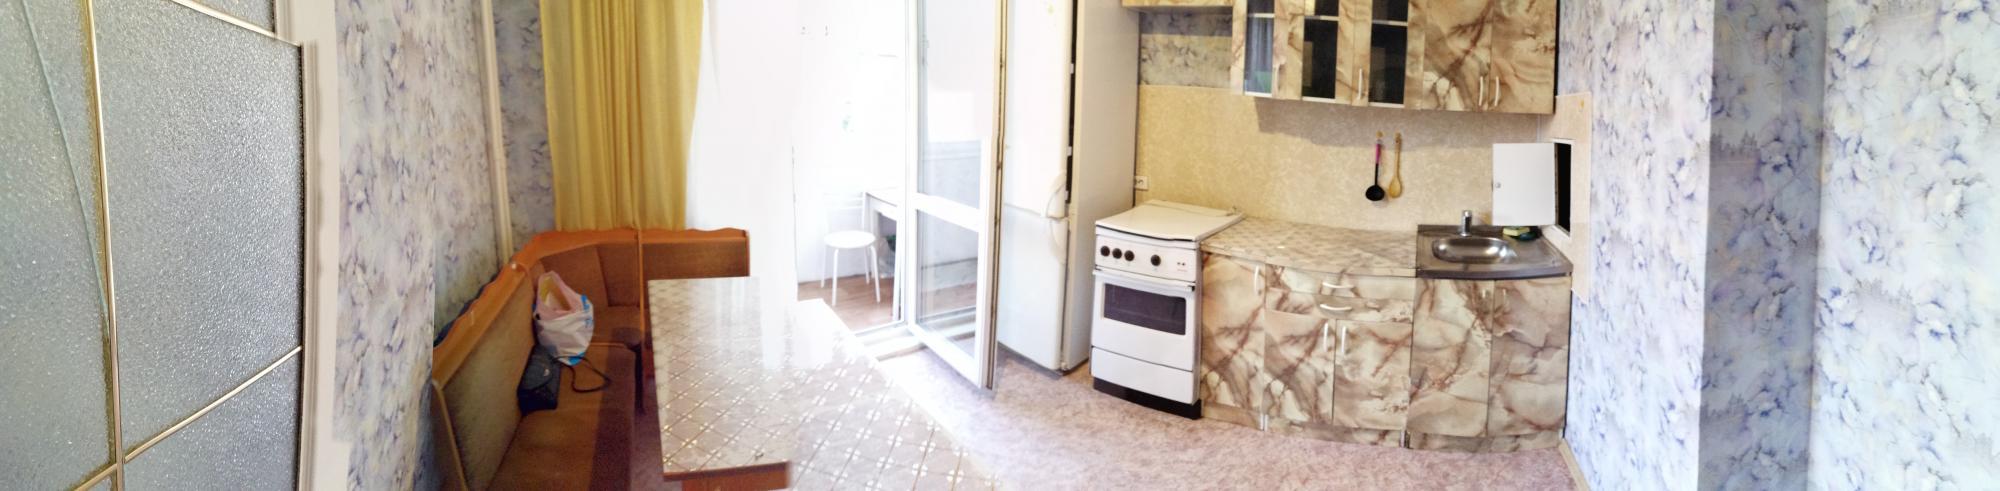 1к квартира улица Алексеева, 103   15500   аренда в Красноярске фото 7